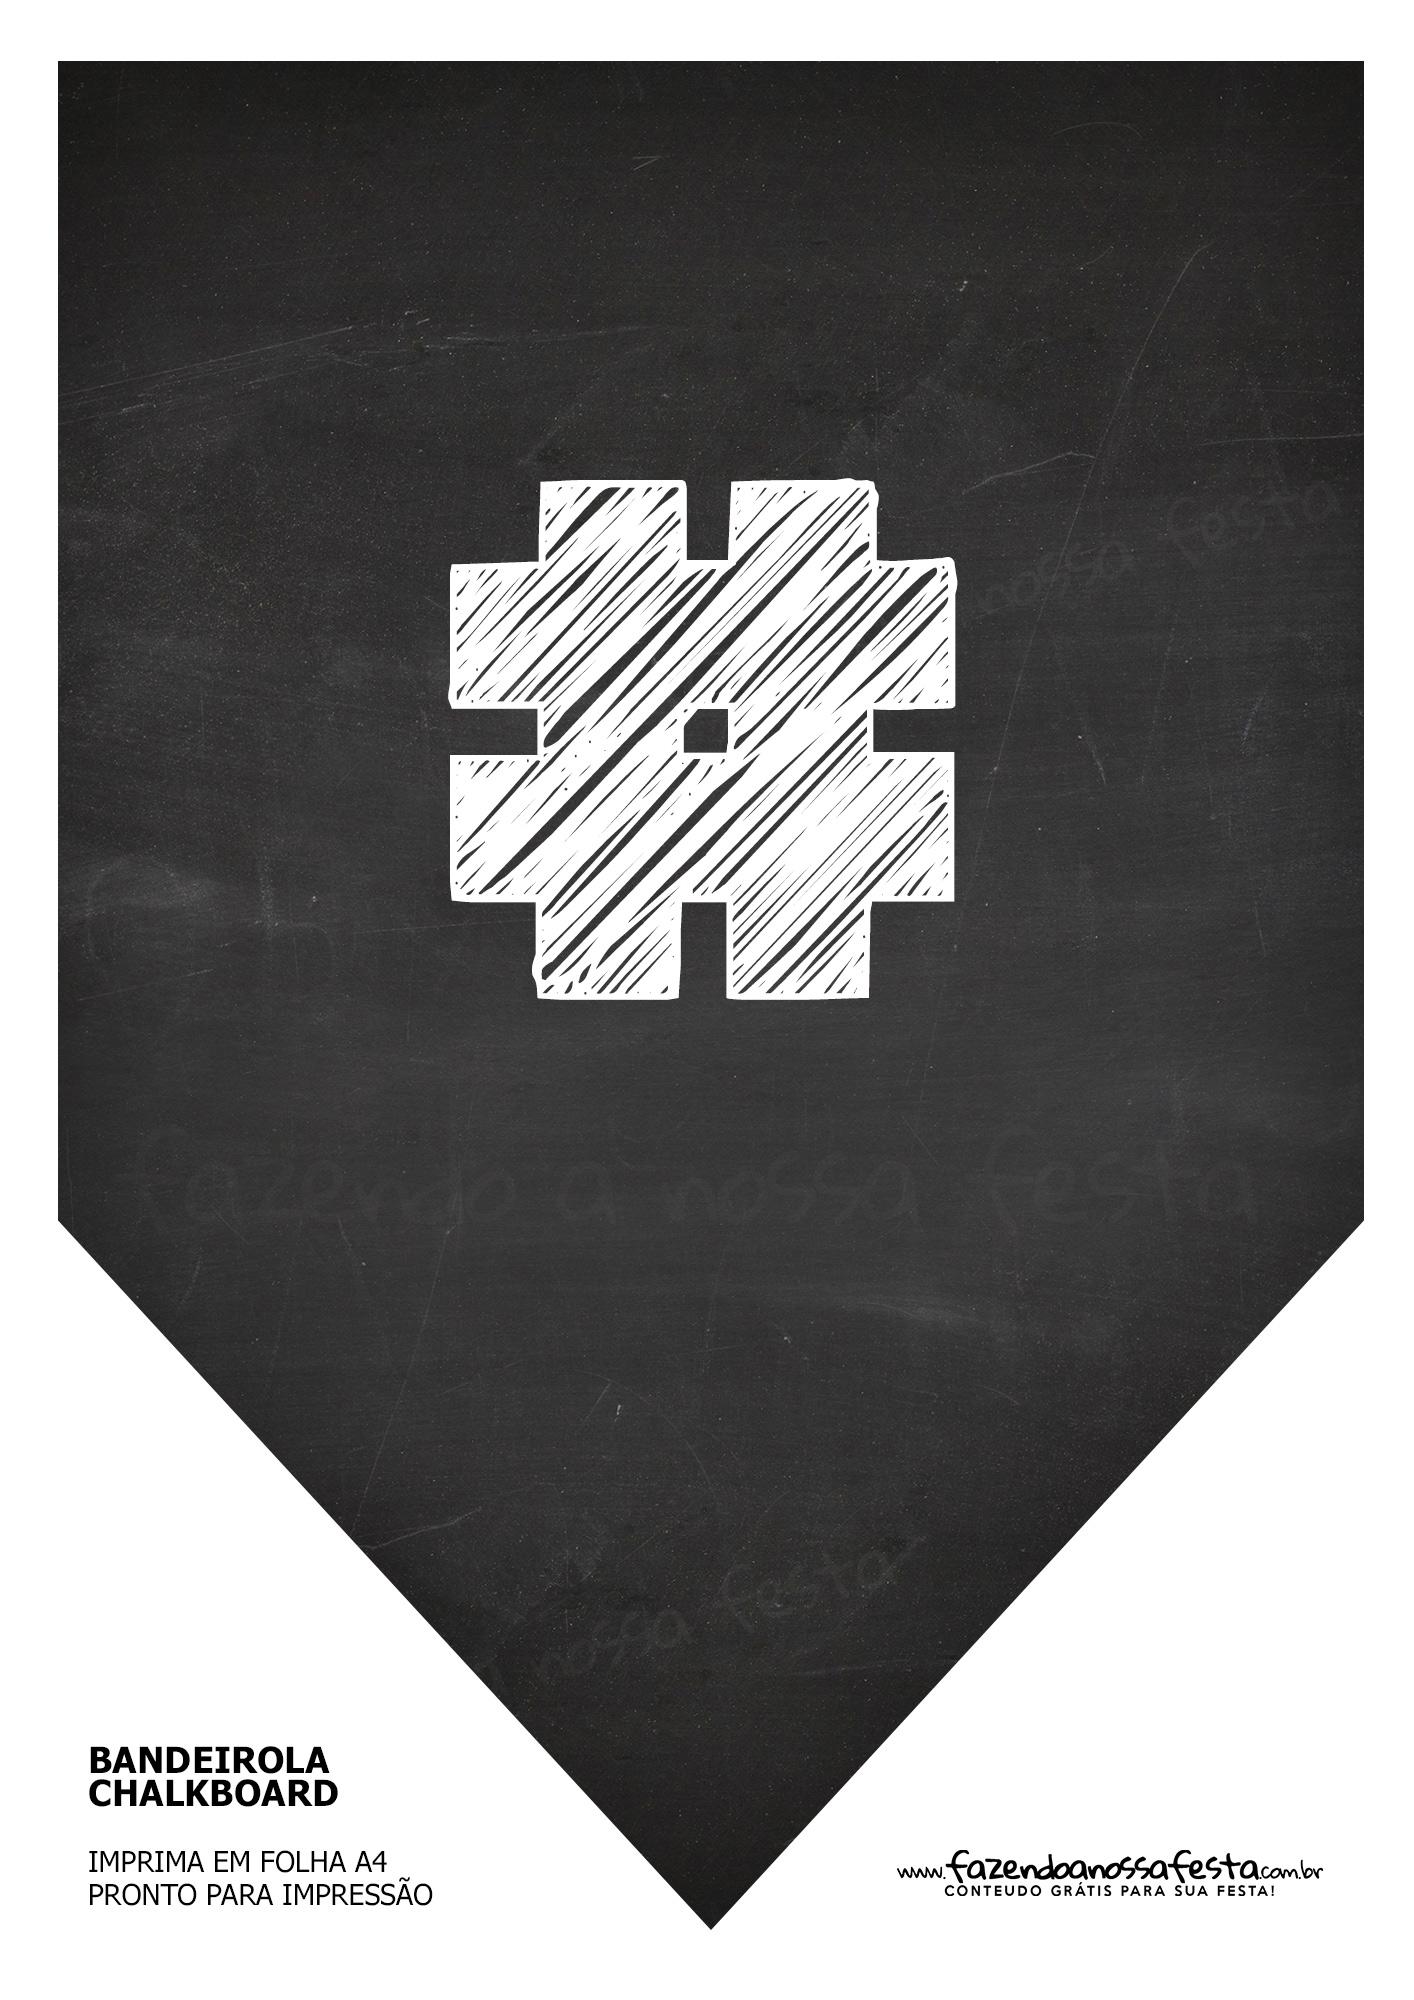 Bandeirinha Chalkboard Hastag